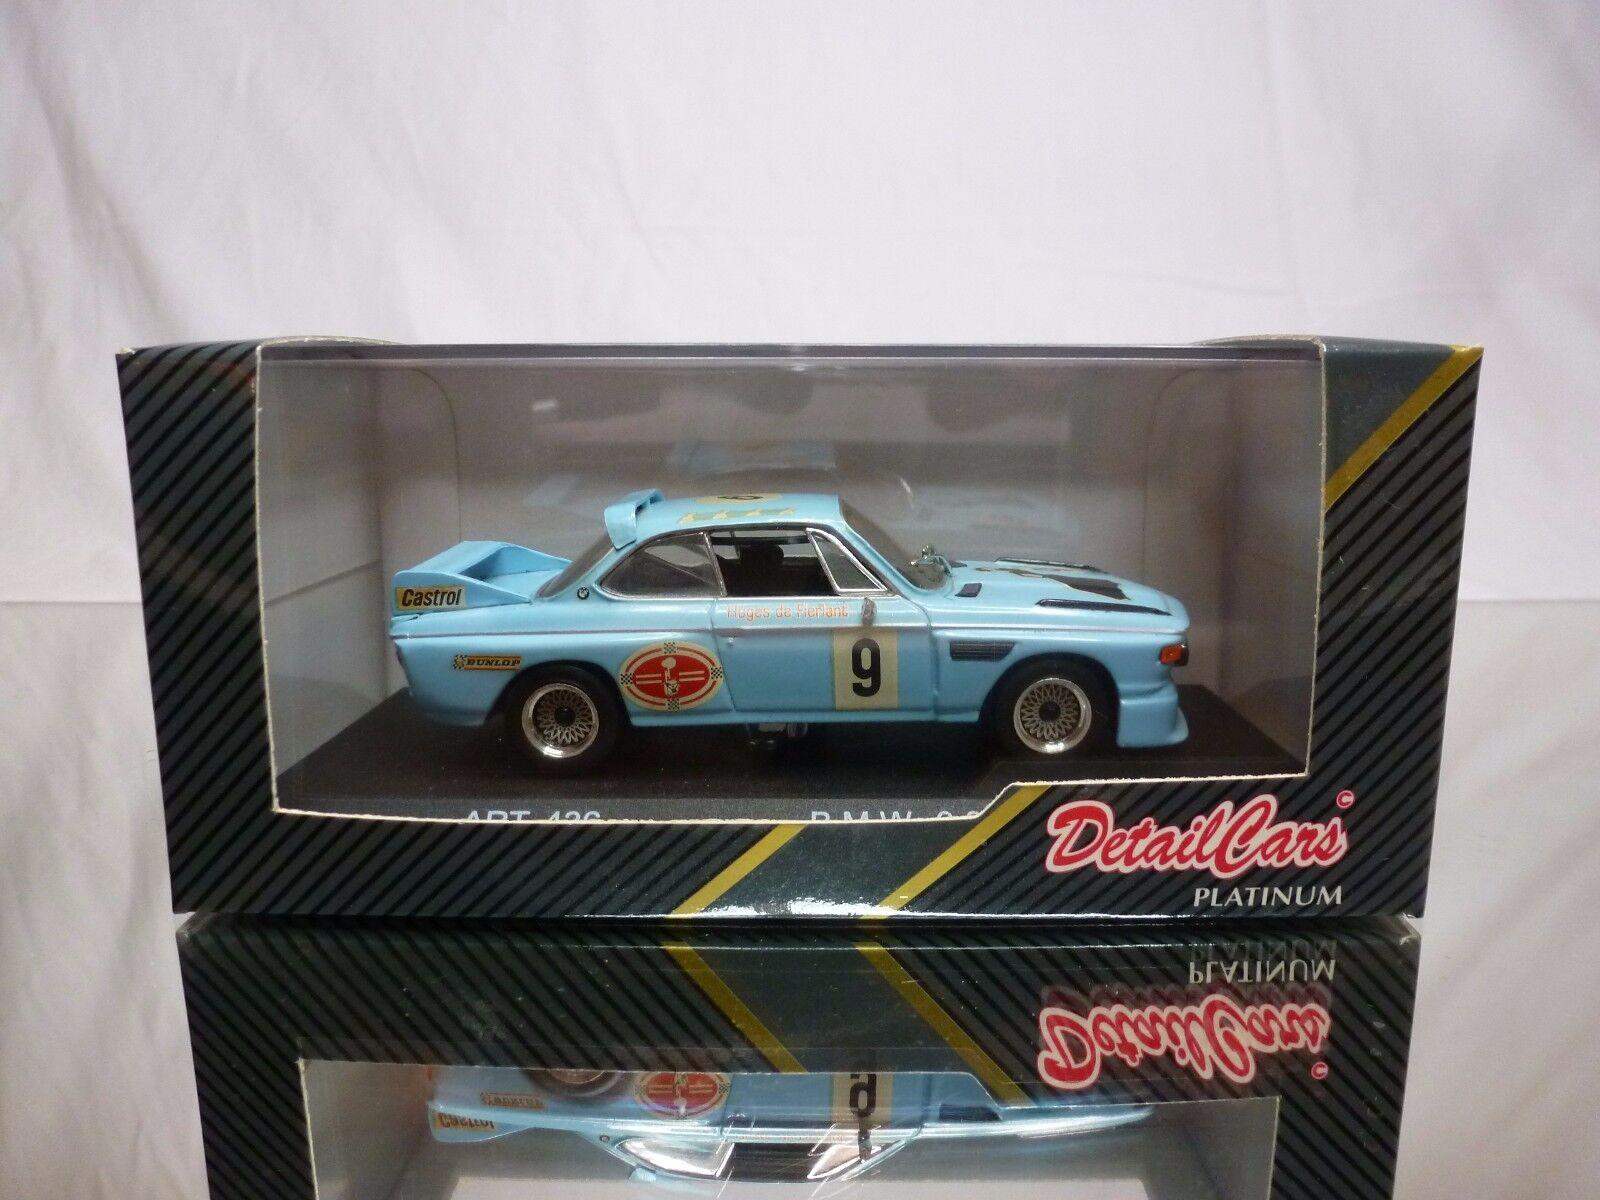 garantizado DETAIL CocheS 436 BMW 3.0 CS 1977    - PALE azul  1 43 - GOOD CONDITION IN BOX  100% a estrenar con calidad original.